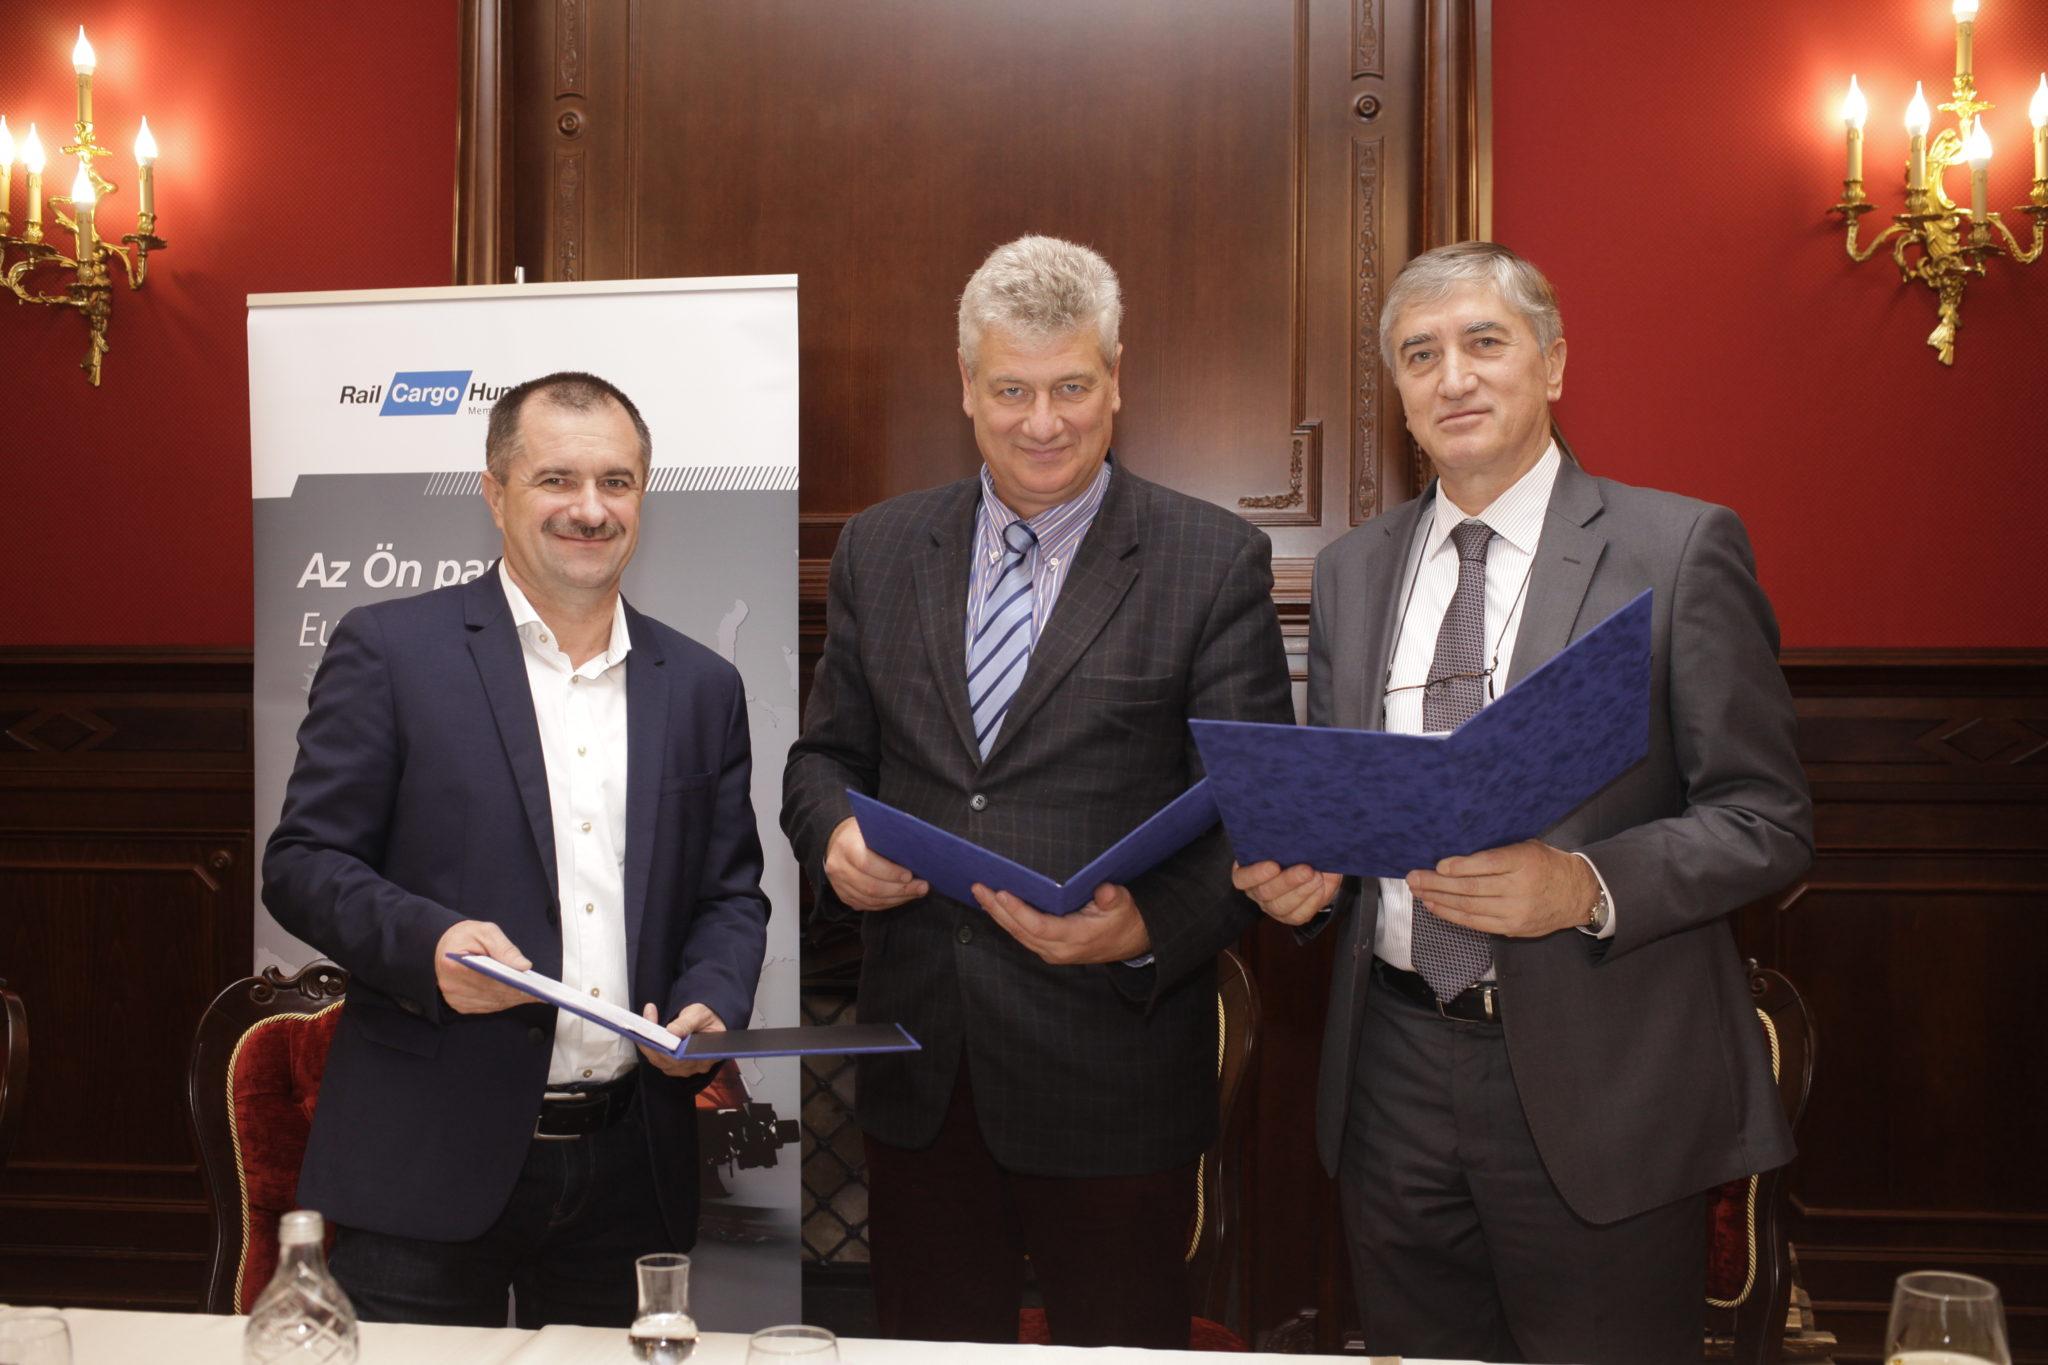 Vasúti fuvarozási együttműködési megállapodást kötött az ISD Dunaferr és az RCH